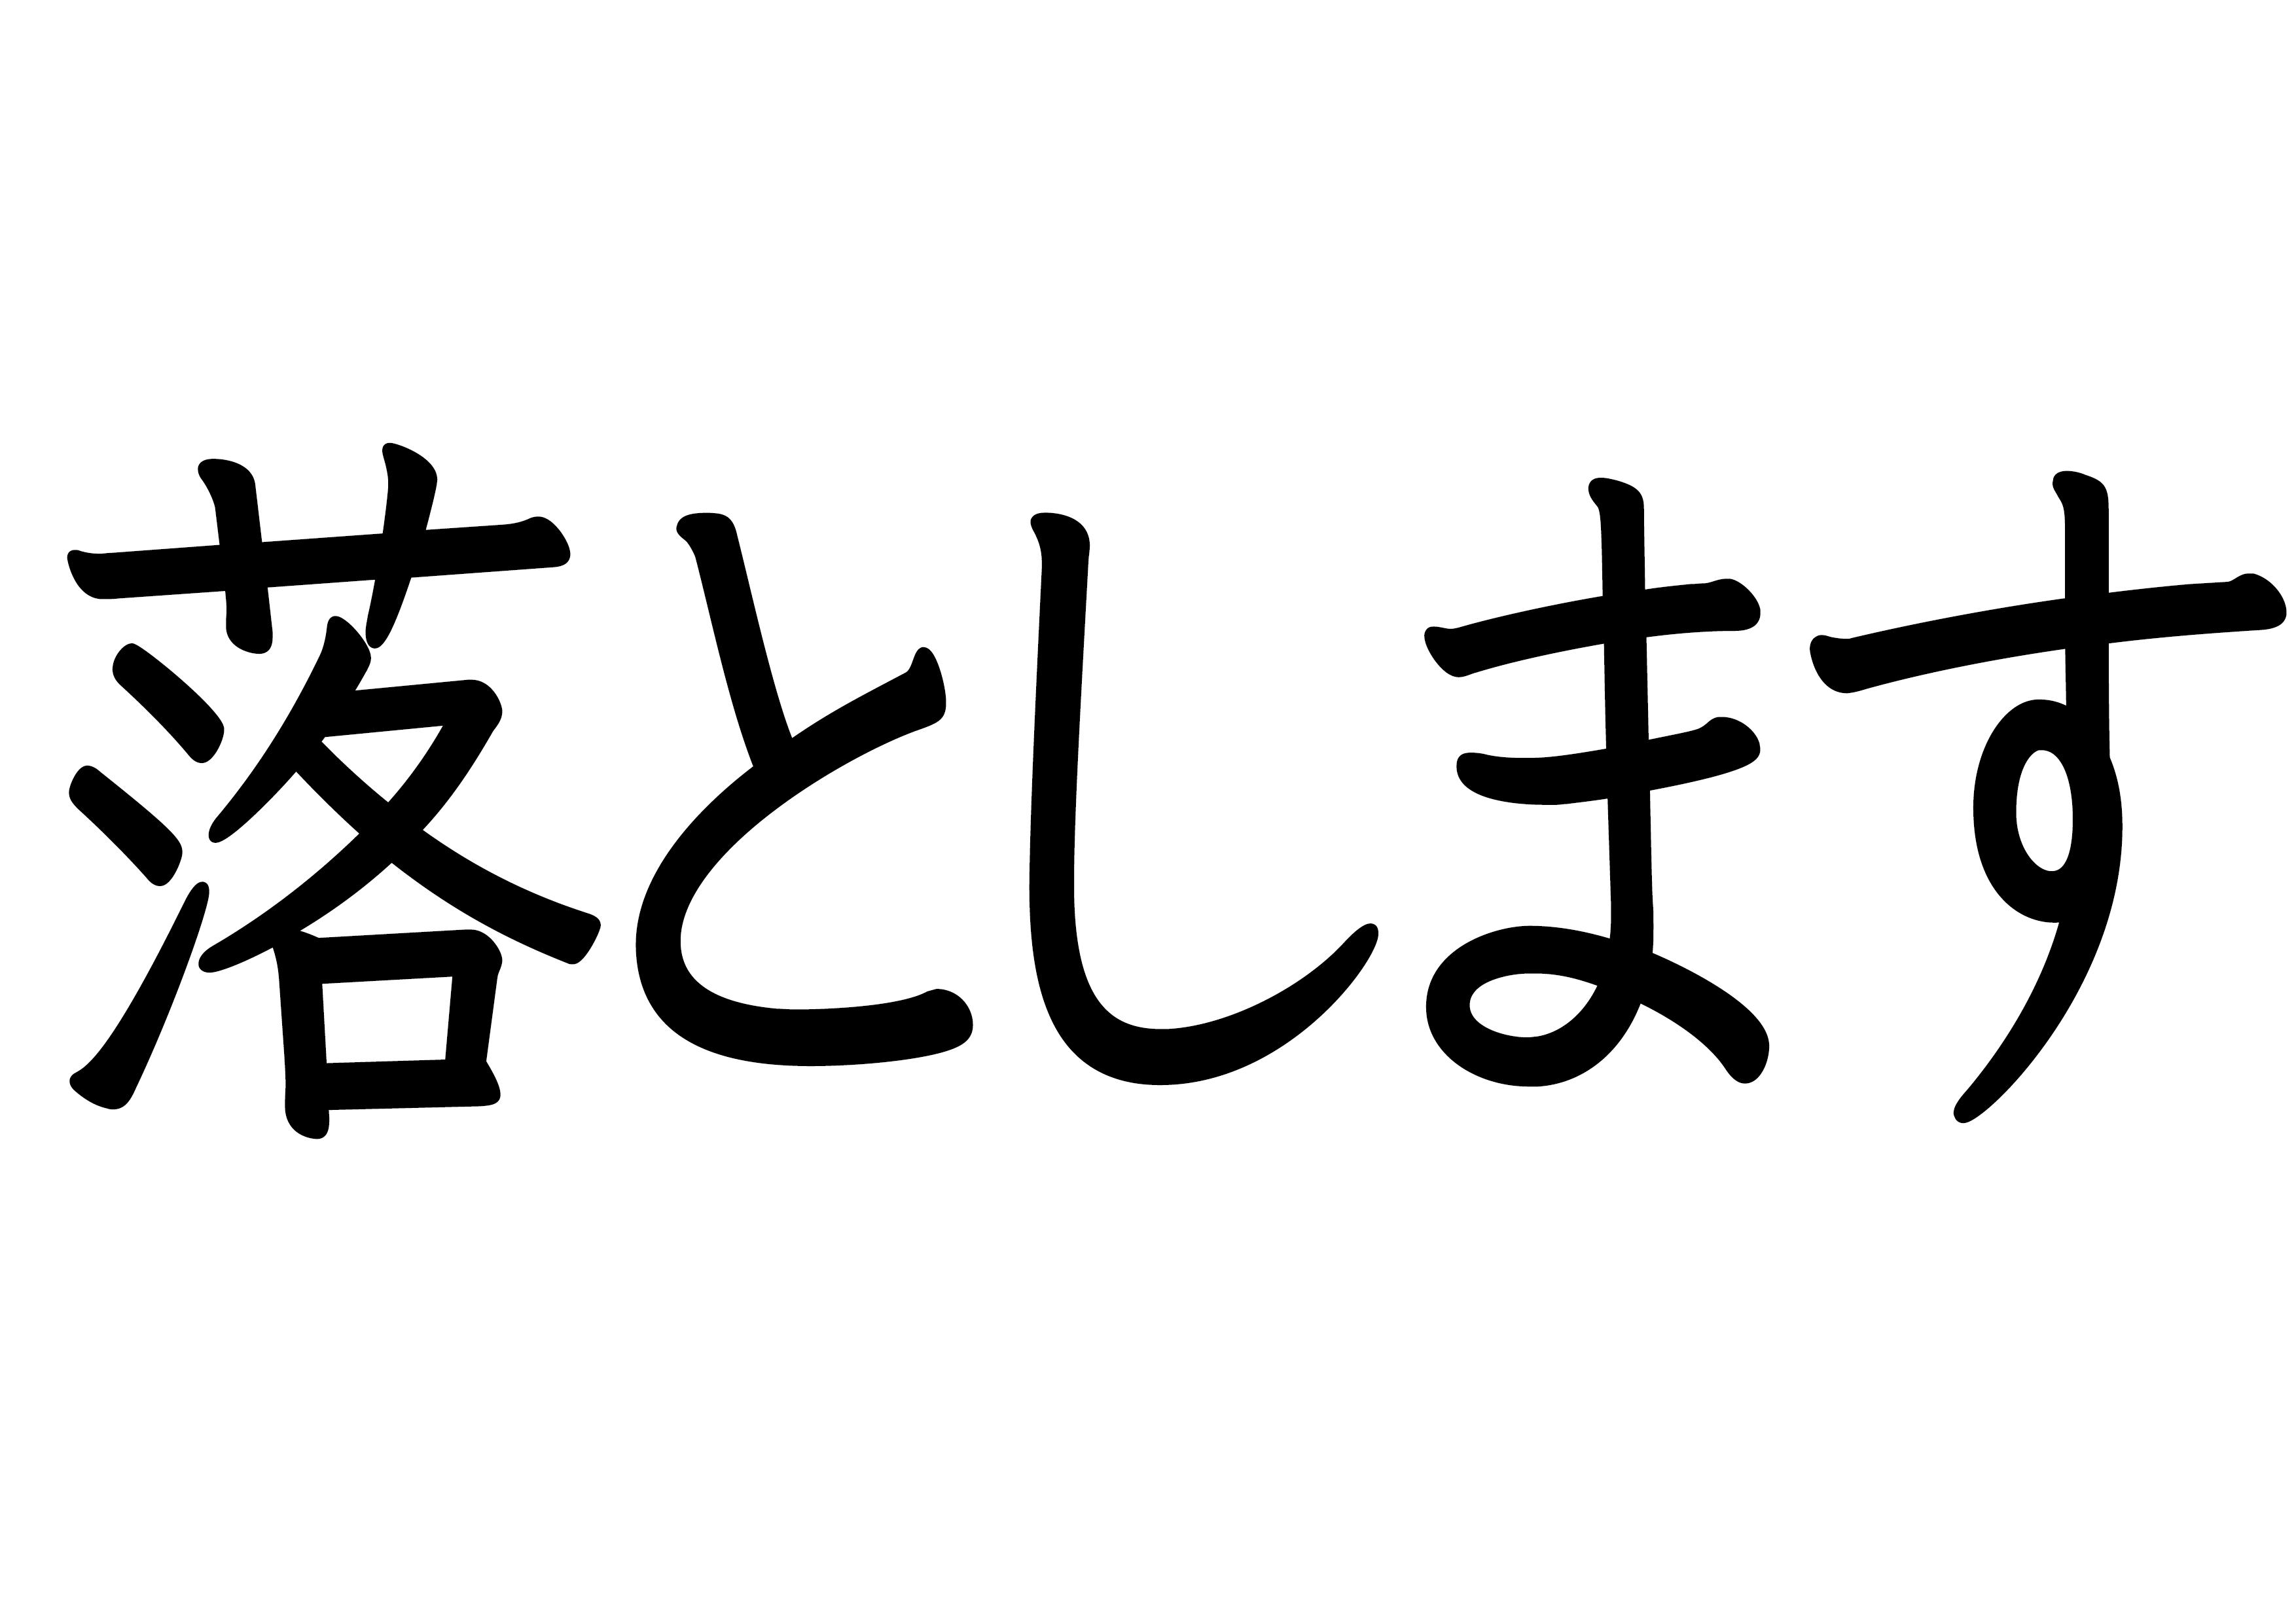 29課文字カード【落とします】